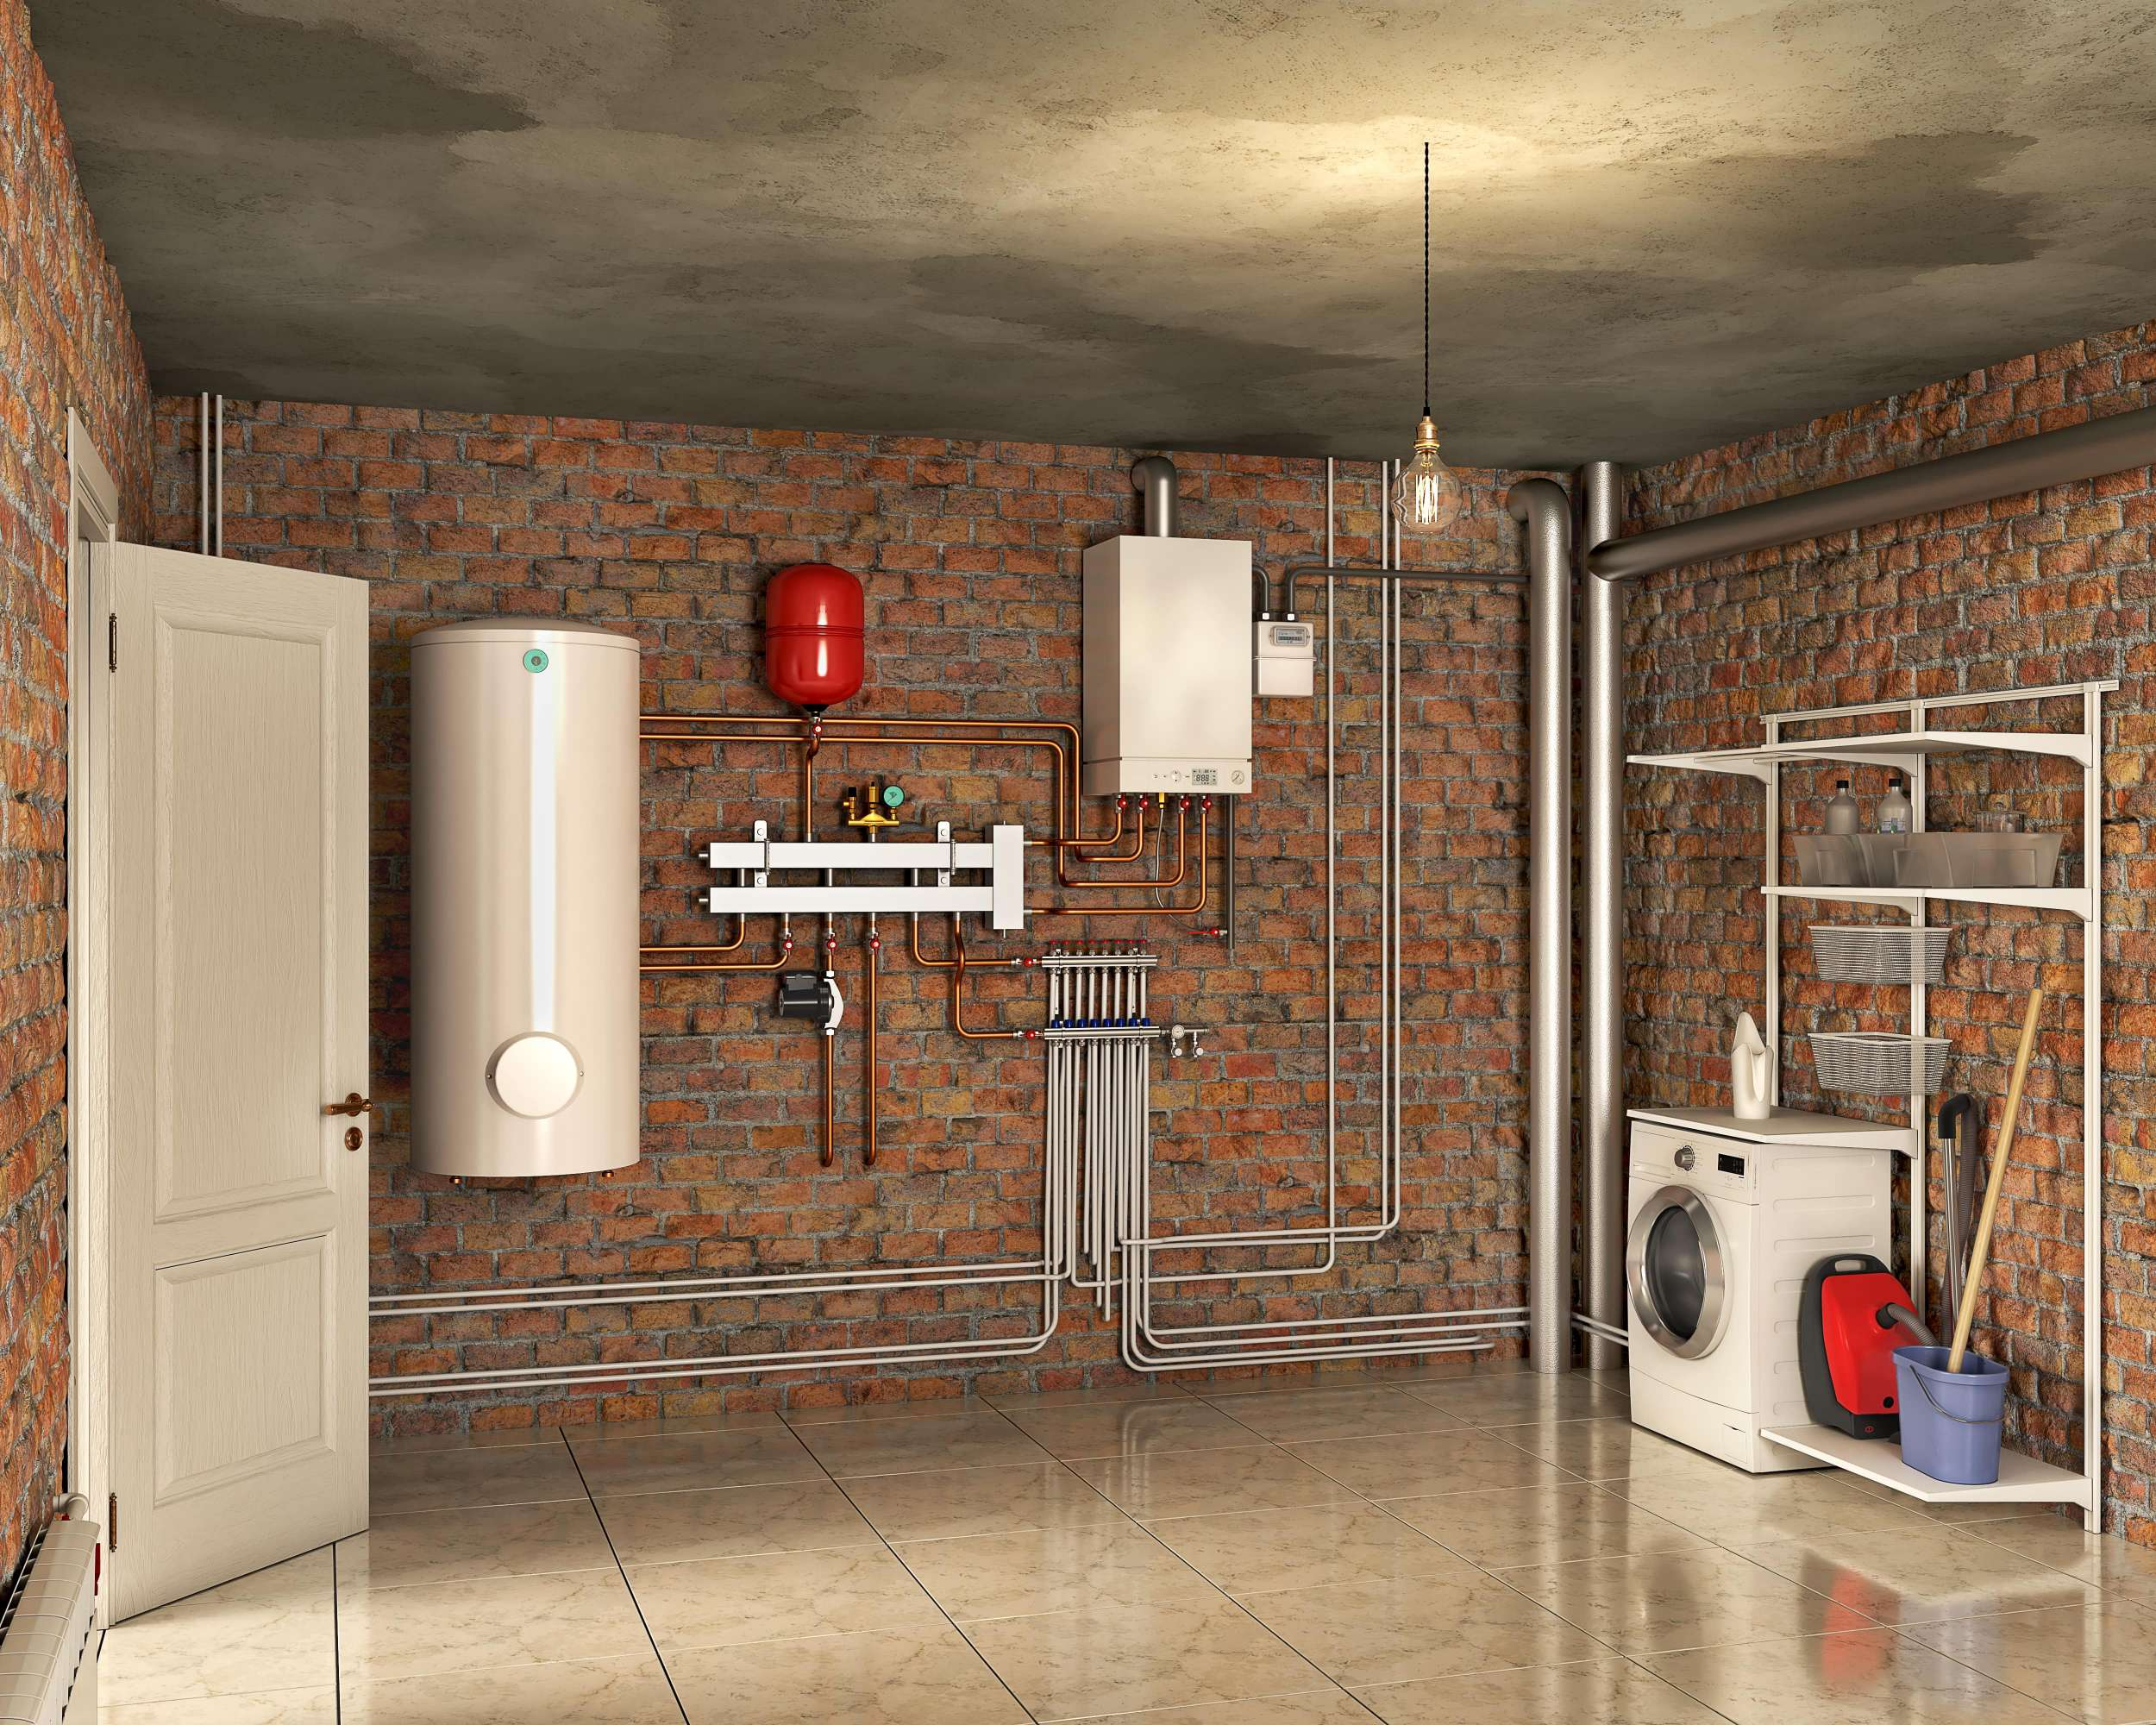 boiler-company-London-local-boiler-repair-London